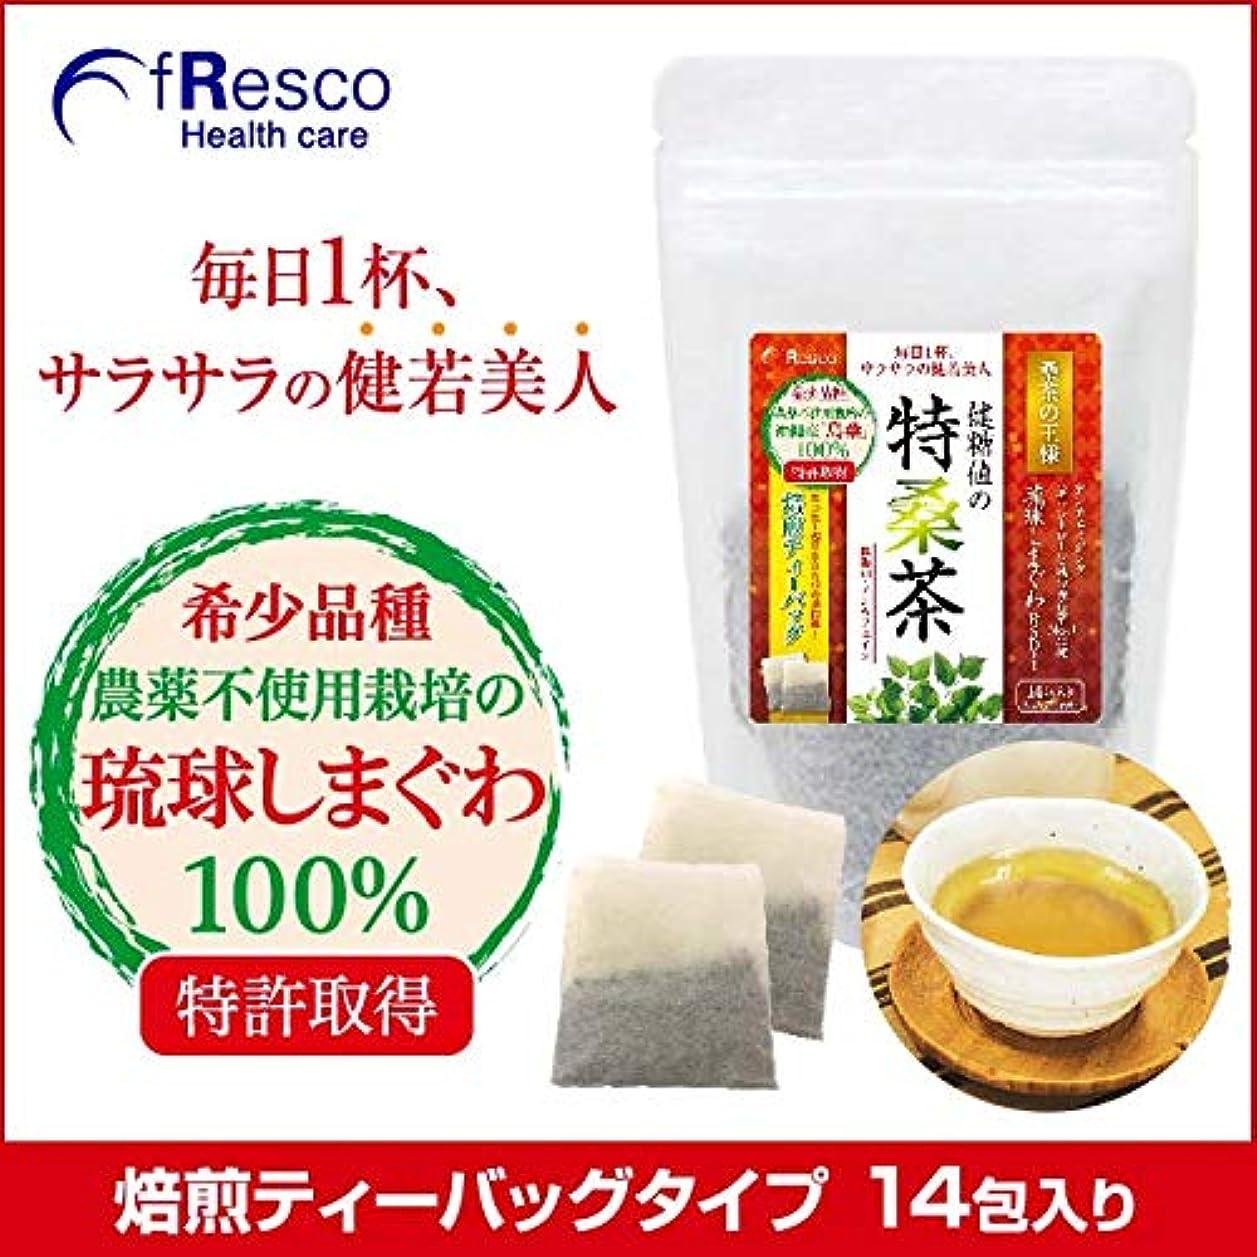 無効にするサイトエール桑茶の王様 琉球しまぐわ 健糖値の特桑茶 焙煎ティーバック